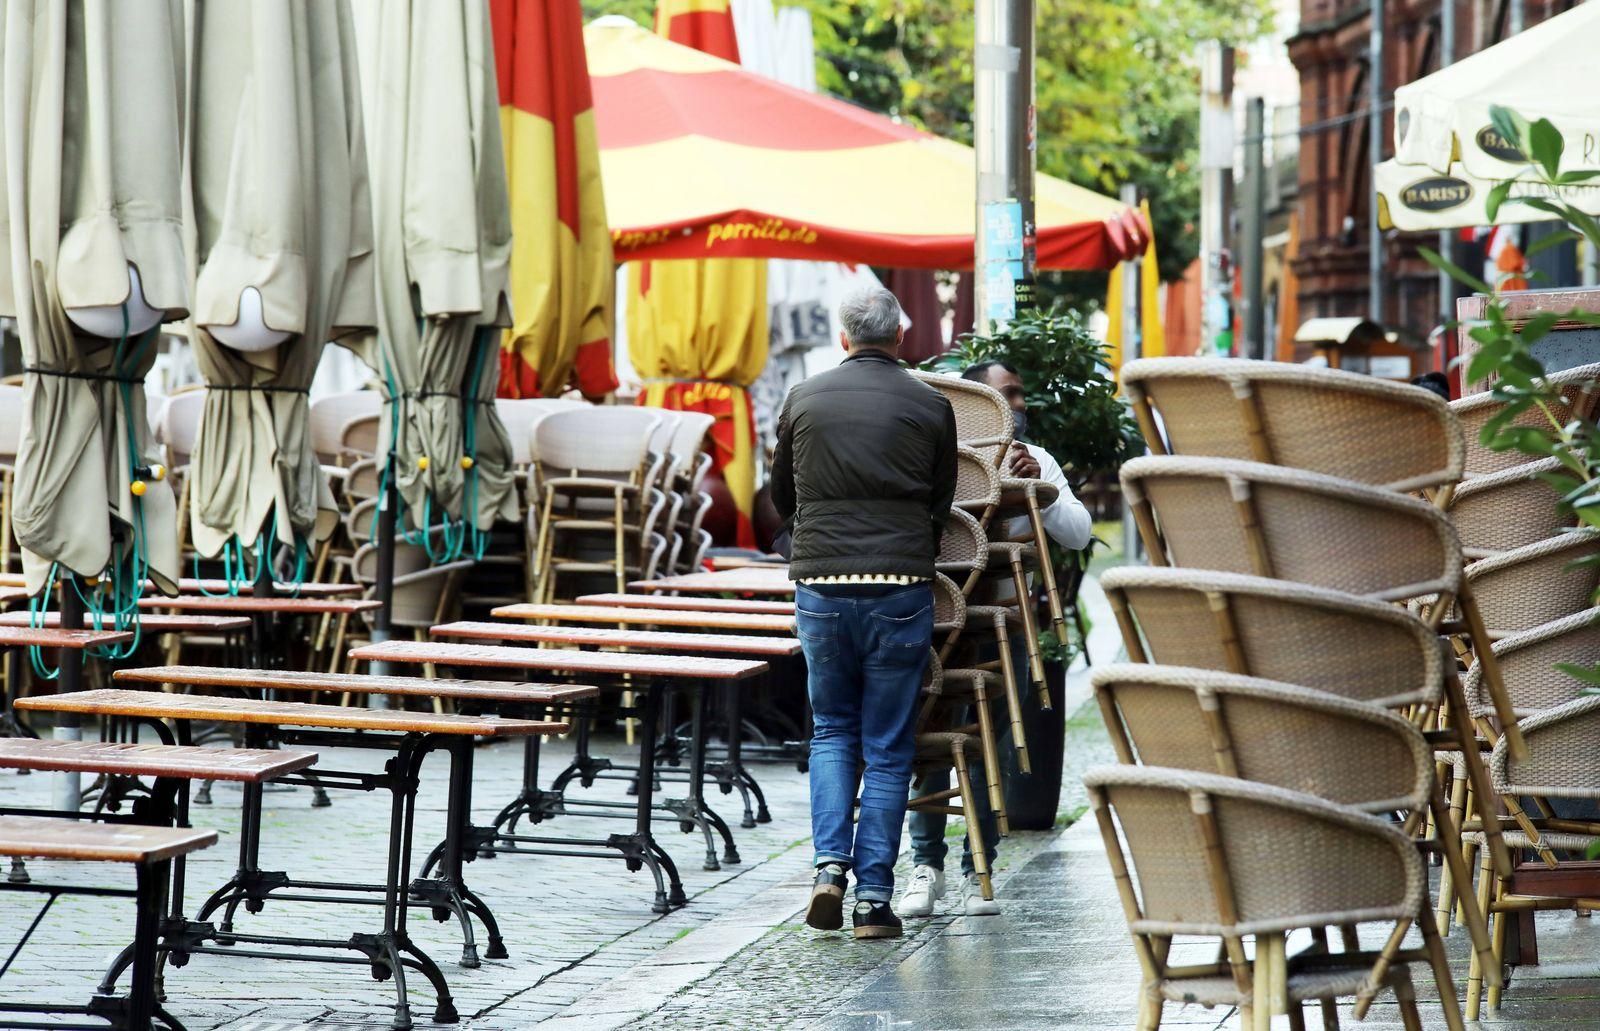 02.11.2020, Berlin - Deutschland. Die Stadt im Tag 1 des Lockdowns. Am Hackeschen Markt r?umen Mitarbeiter die St¸hle zu